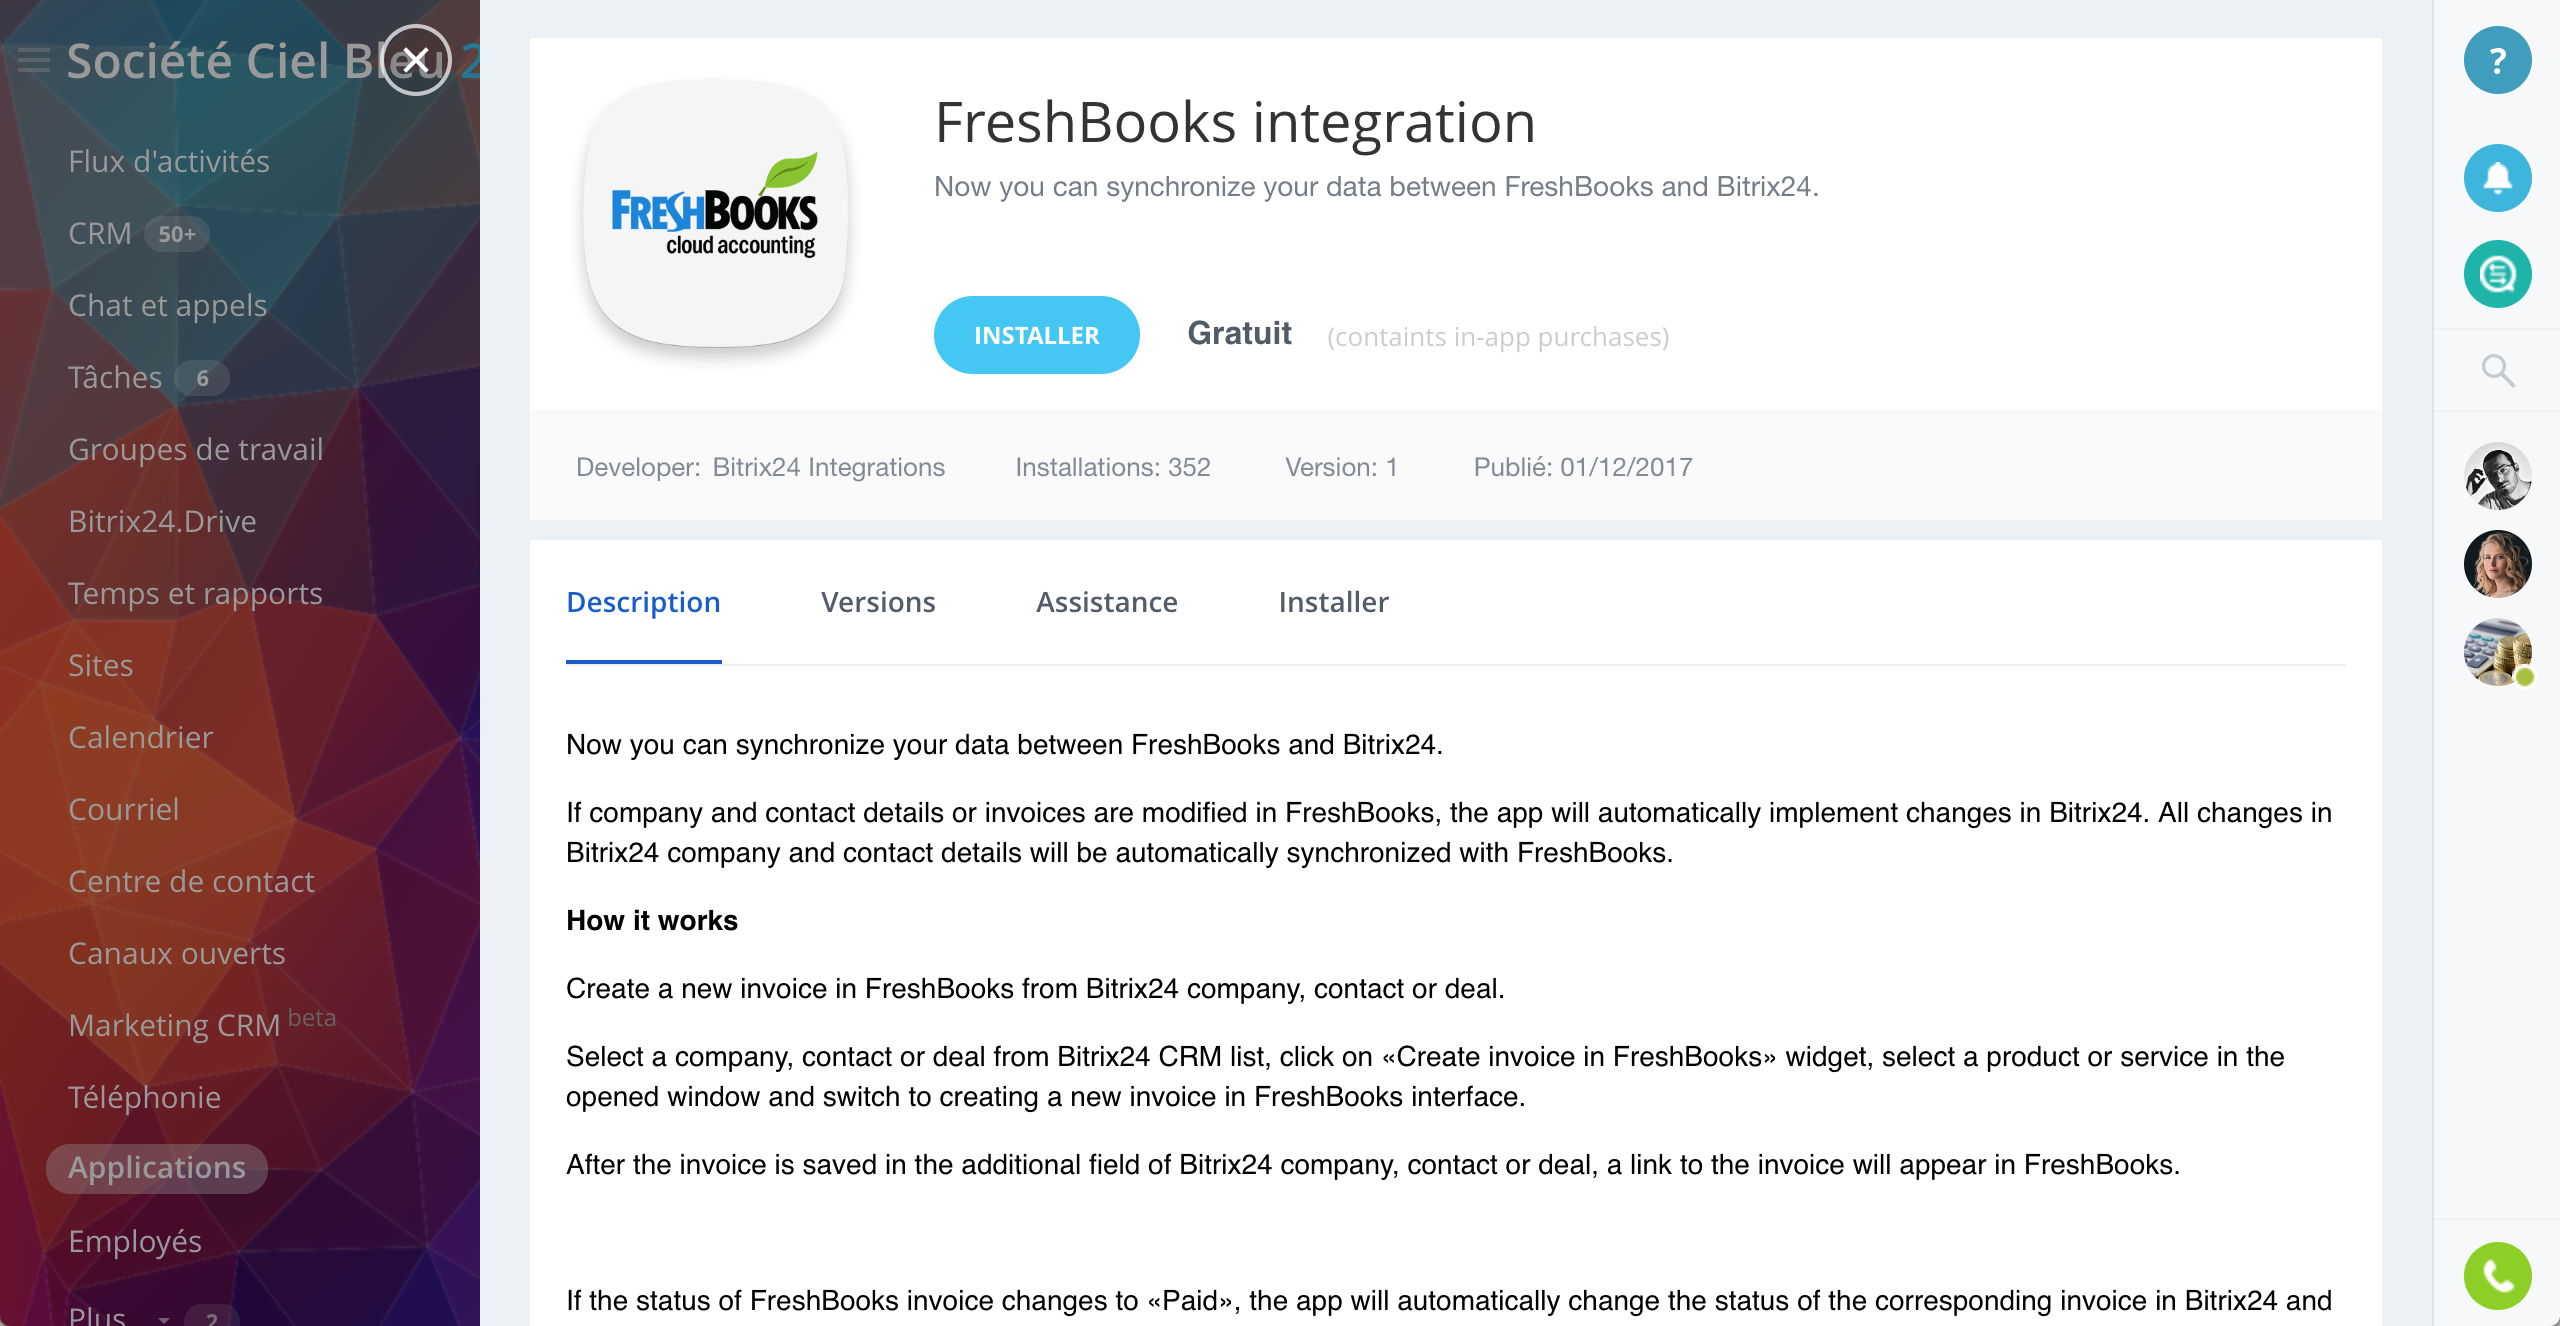 L'intégration de Freshbooks pour Bitrix24 est désormais disponible